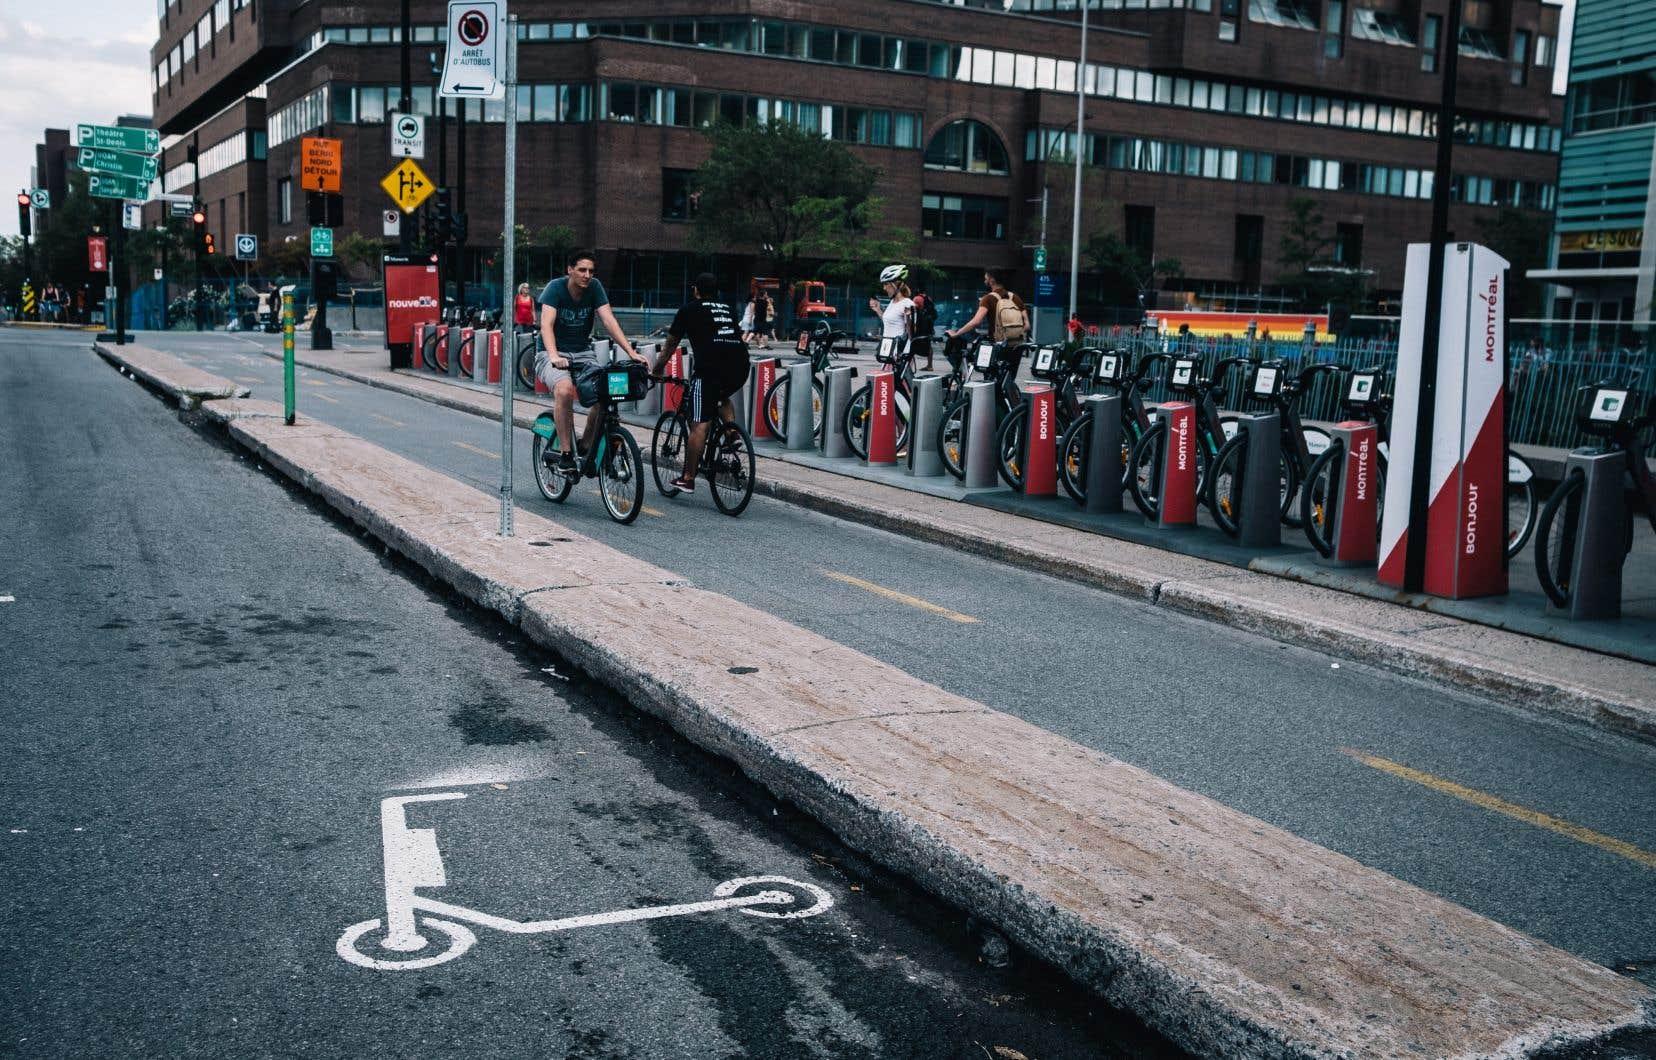 Les entreprises de trottinettes et de vélos en libre-service sans ancrage ont enregistré 365 000 déplacements entre le 21 juin et le 15 novembre 2019, dont 61% en trottinettes.